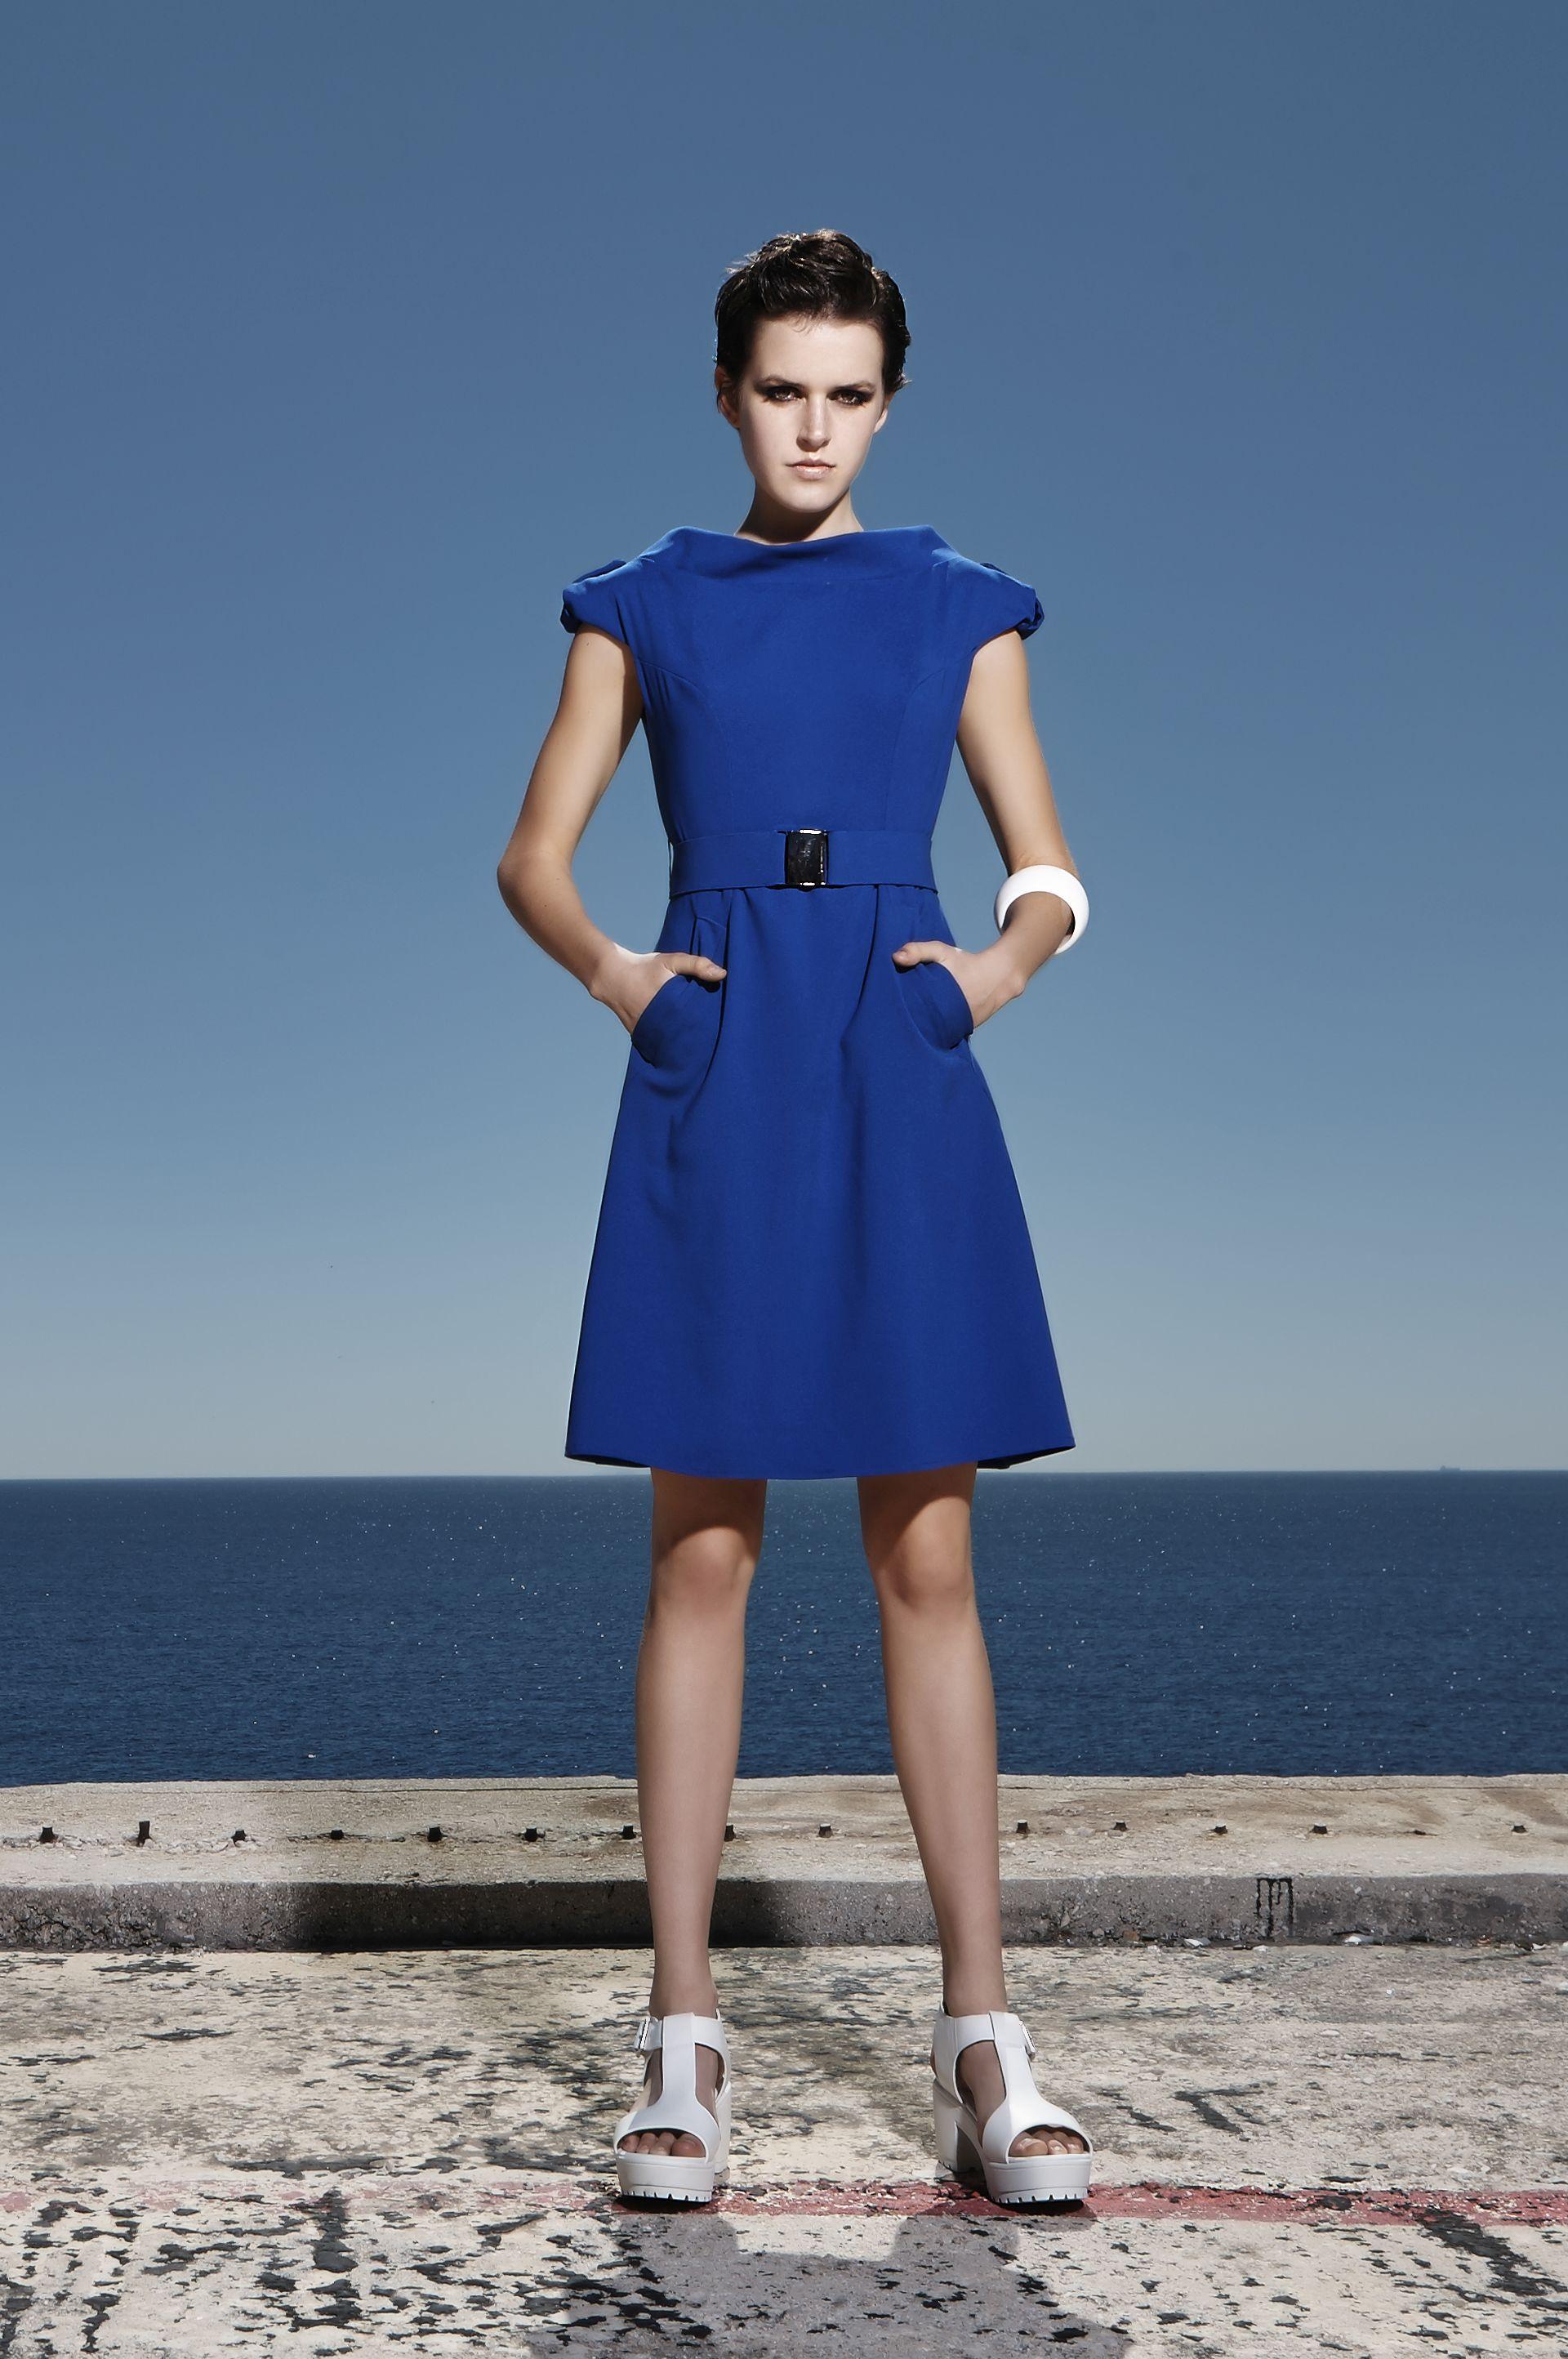 Μίνι crepe φόρεμα με τσέπες και ζώνη